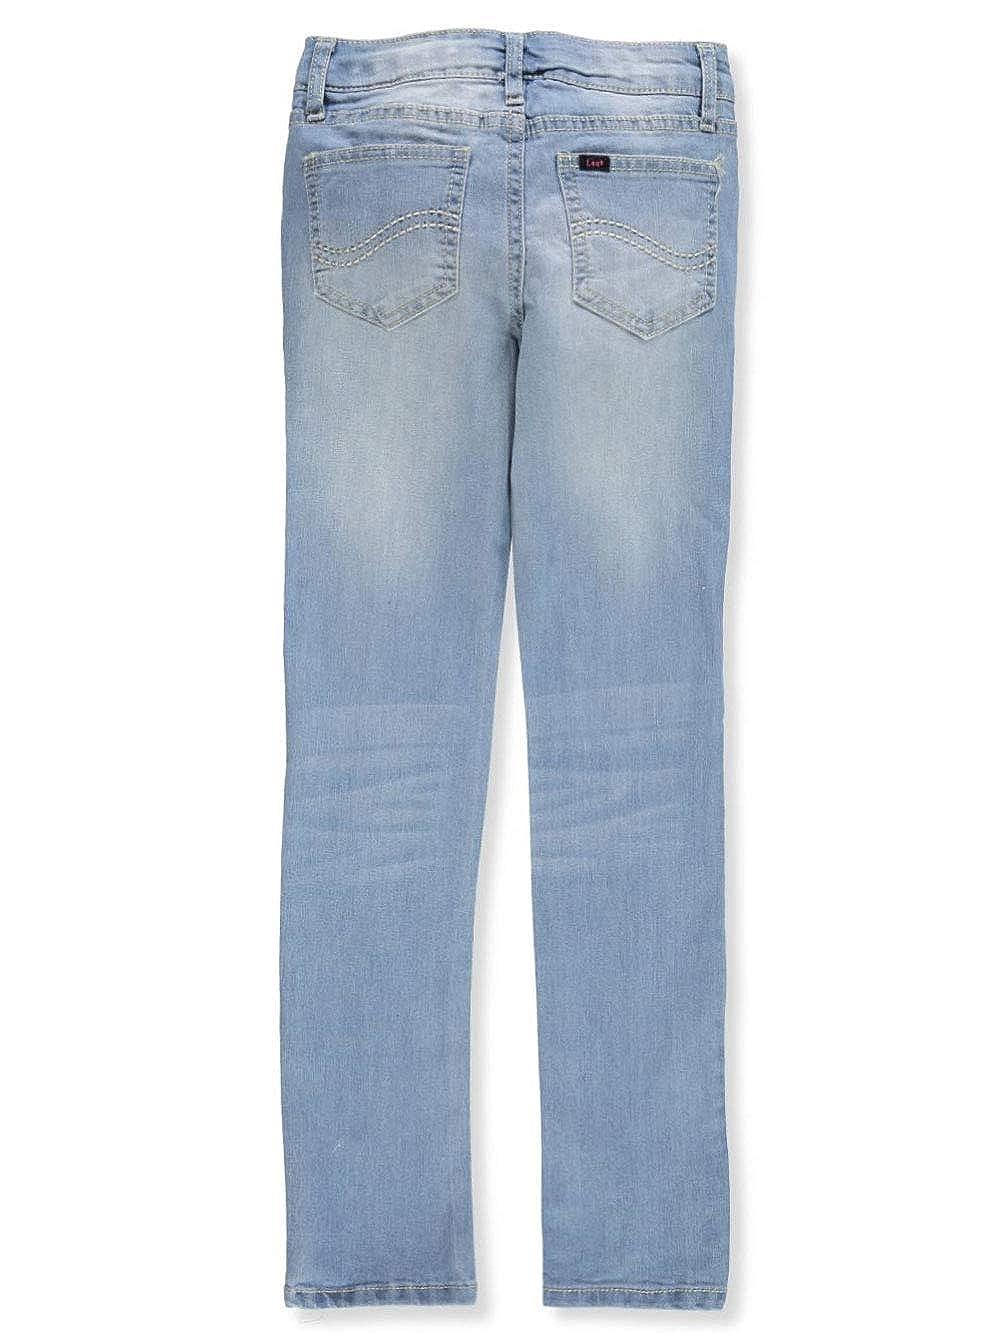 LEE Girls Skinny Jeans